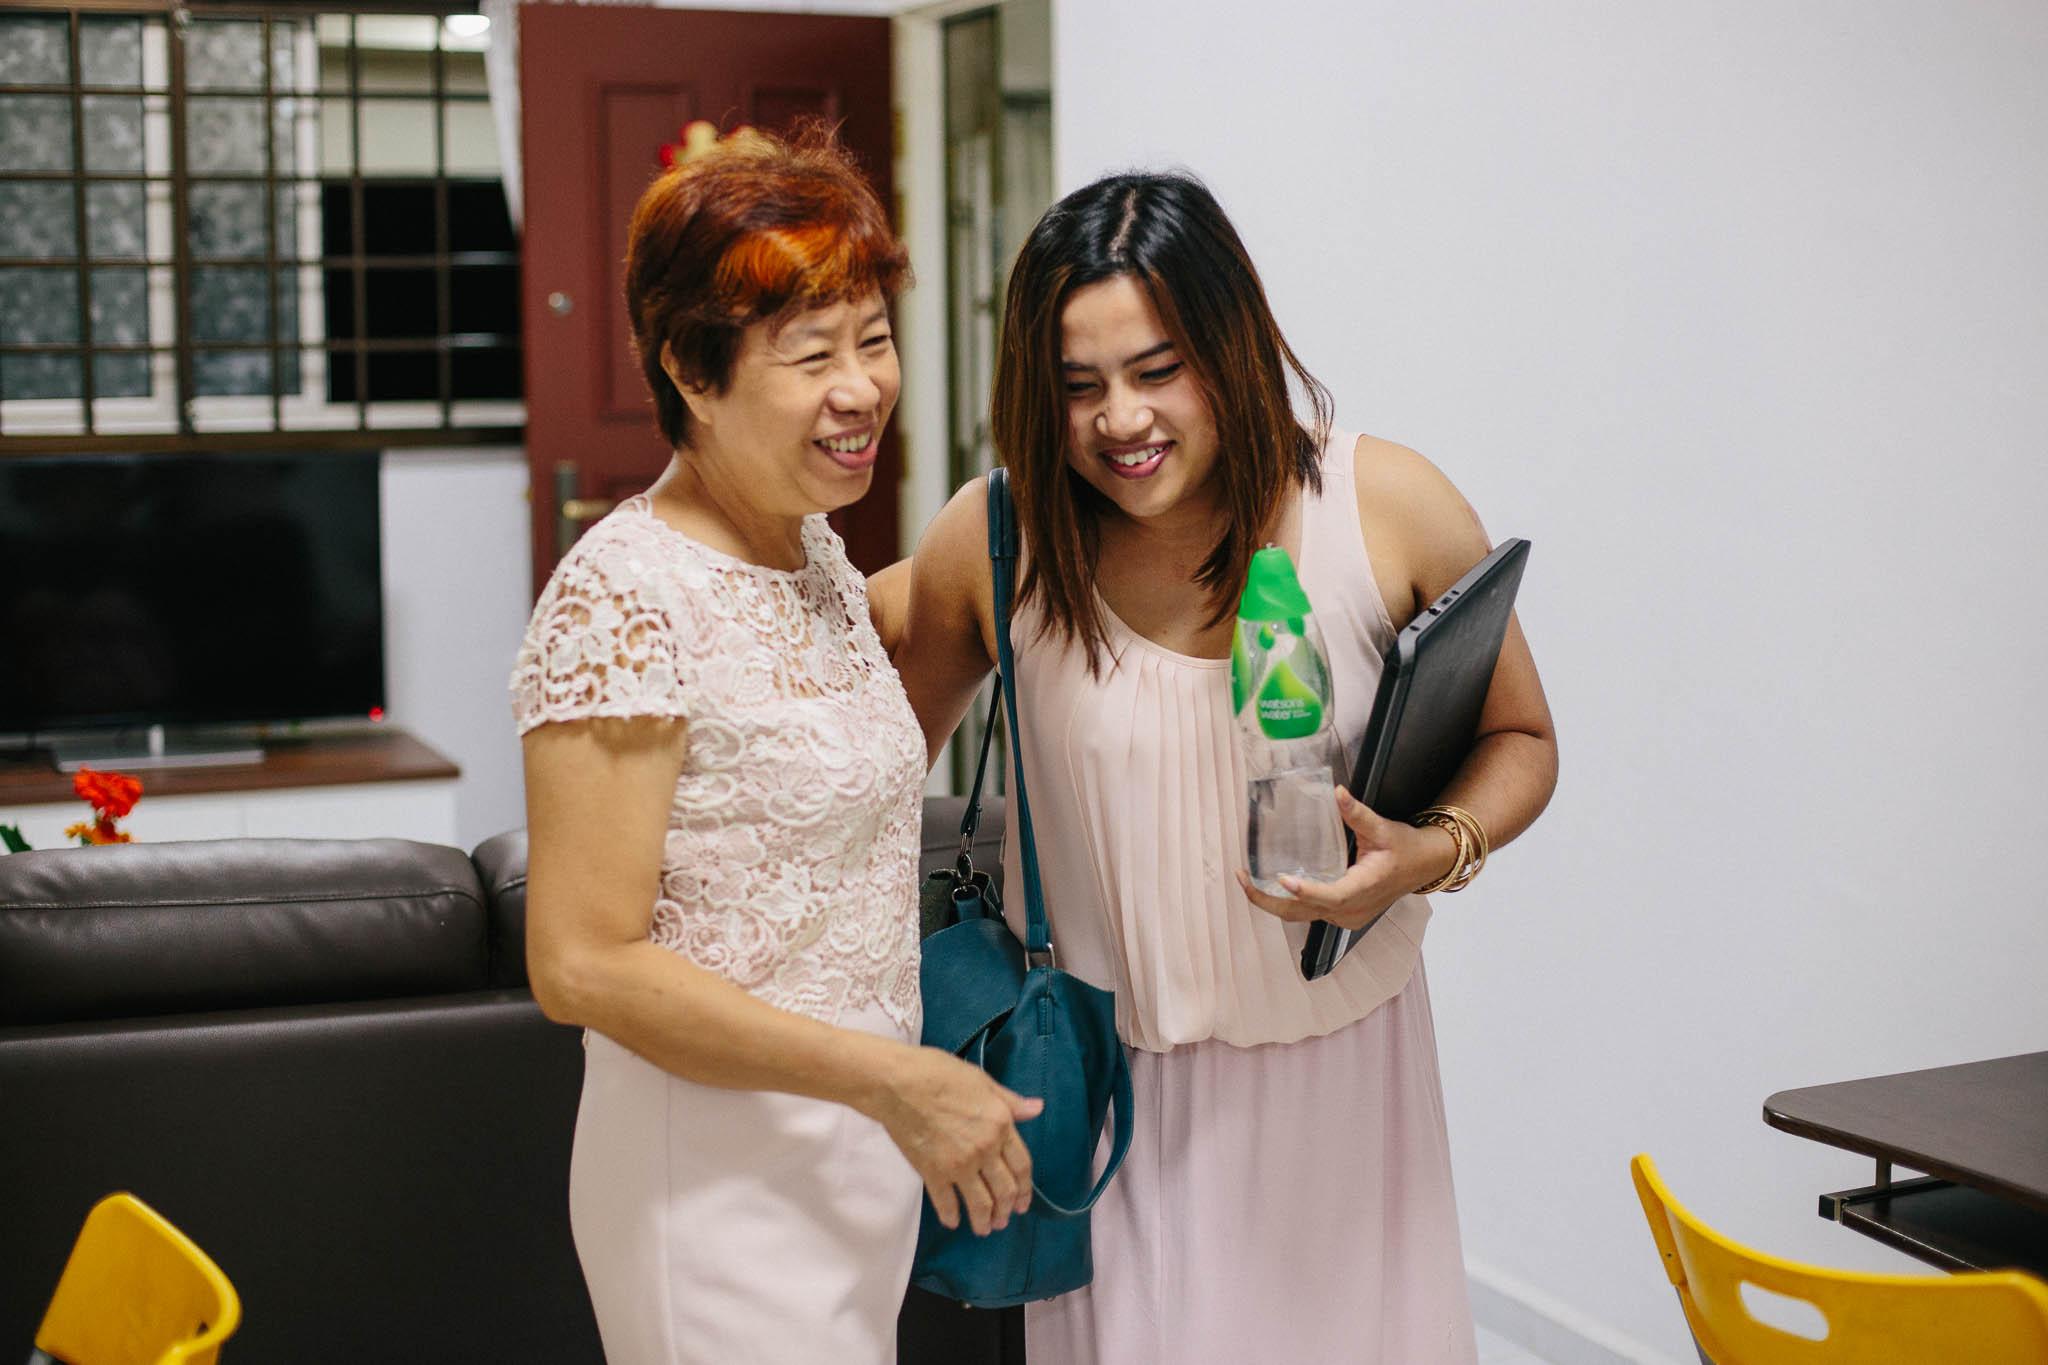 singapore-wedding-photographer-zhongwei-shihui-002.jpg